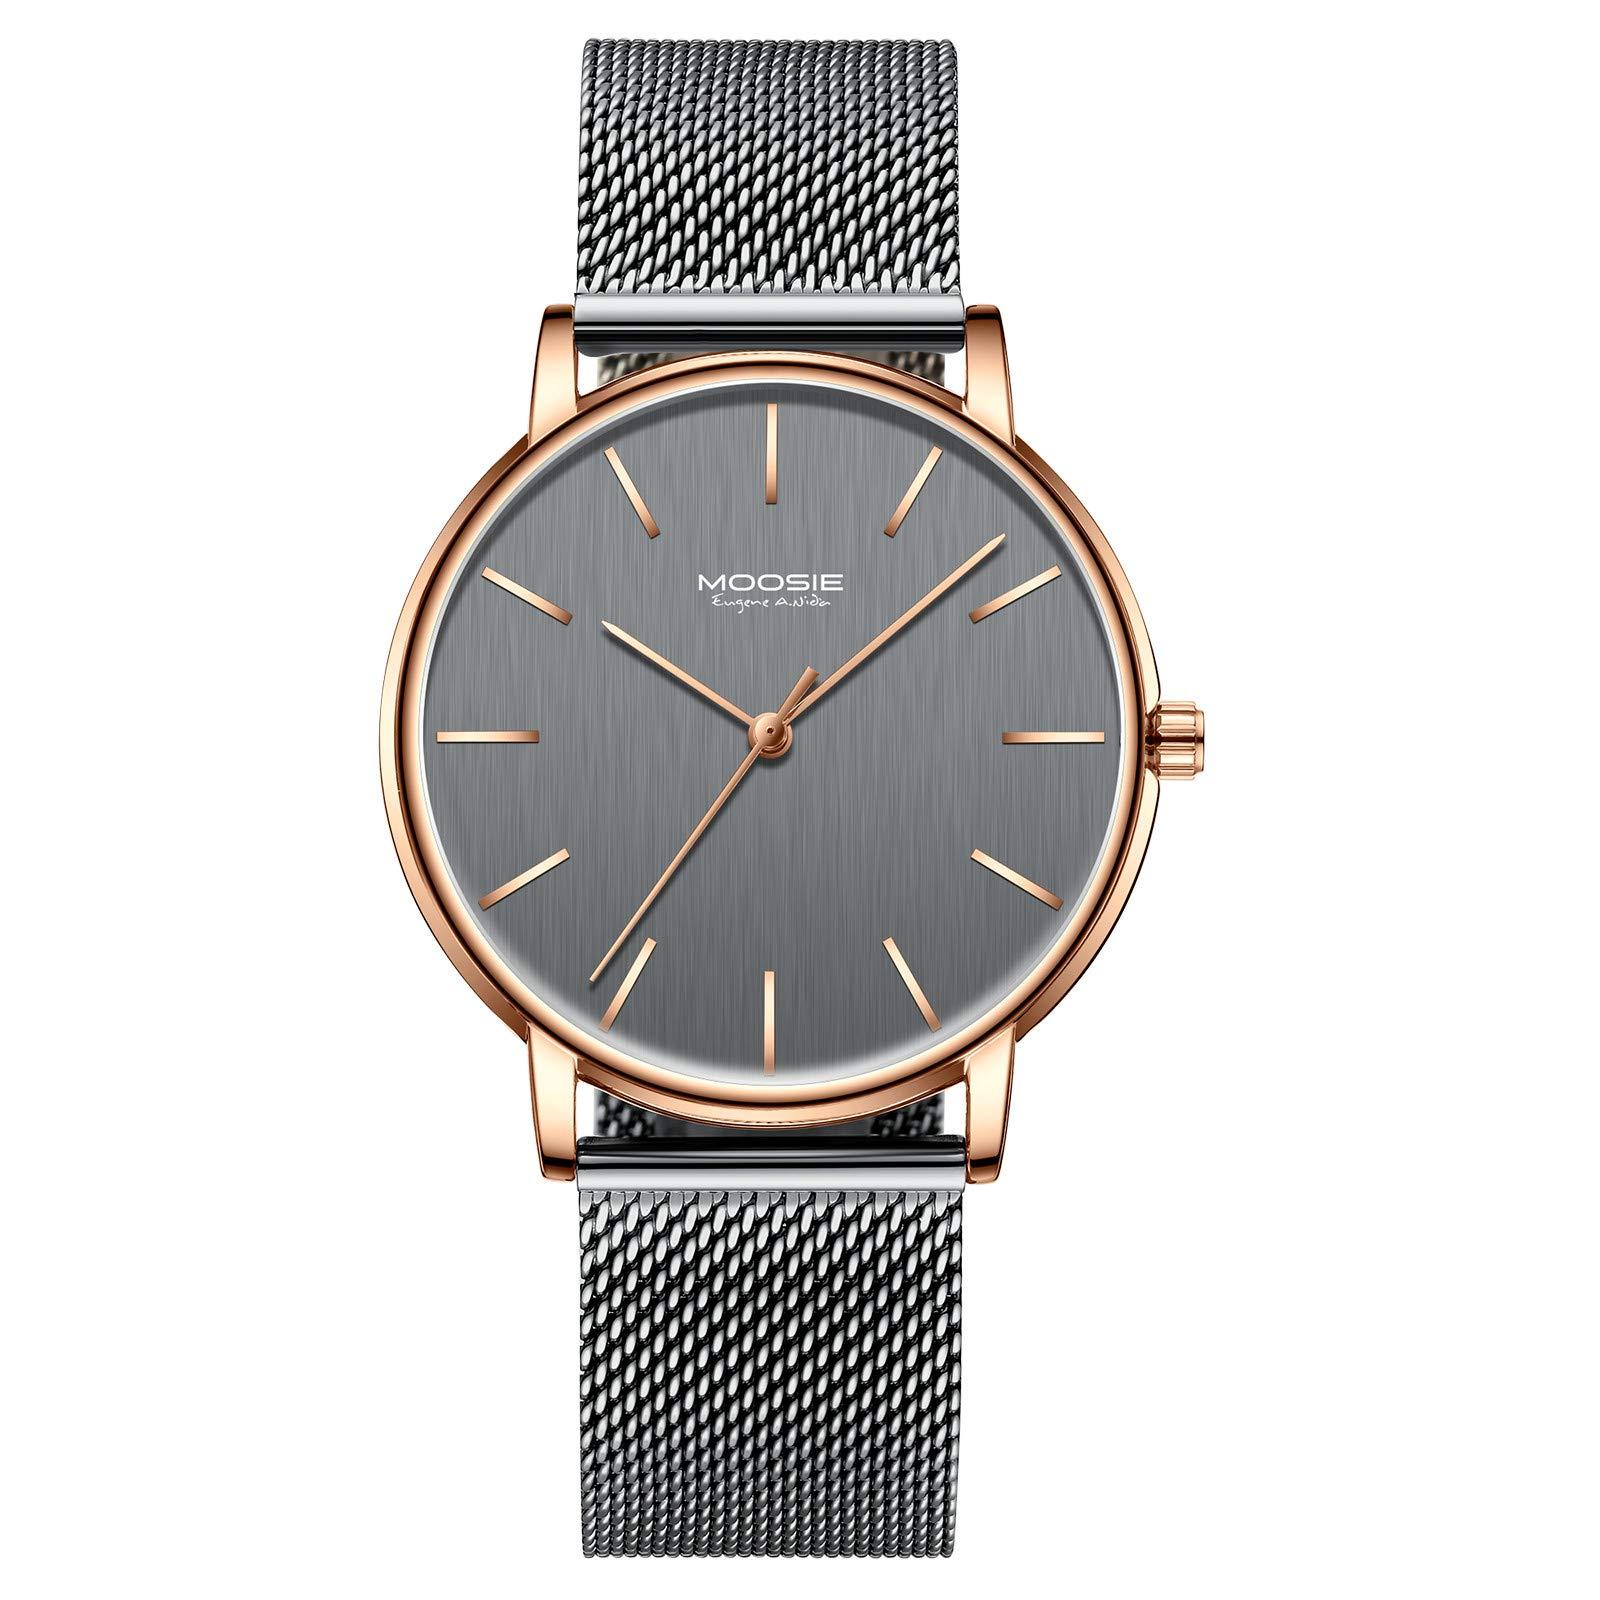 腕時計、メンズ腕時計 シンプル ビジネス ファッション 超薄型 軽量 ダークブルー グレー ローズゴールド 防水 ミラノメッシュベルト腕時計 アナログ クォーツ時計 ミニマリスト